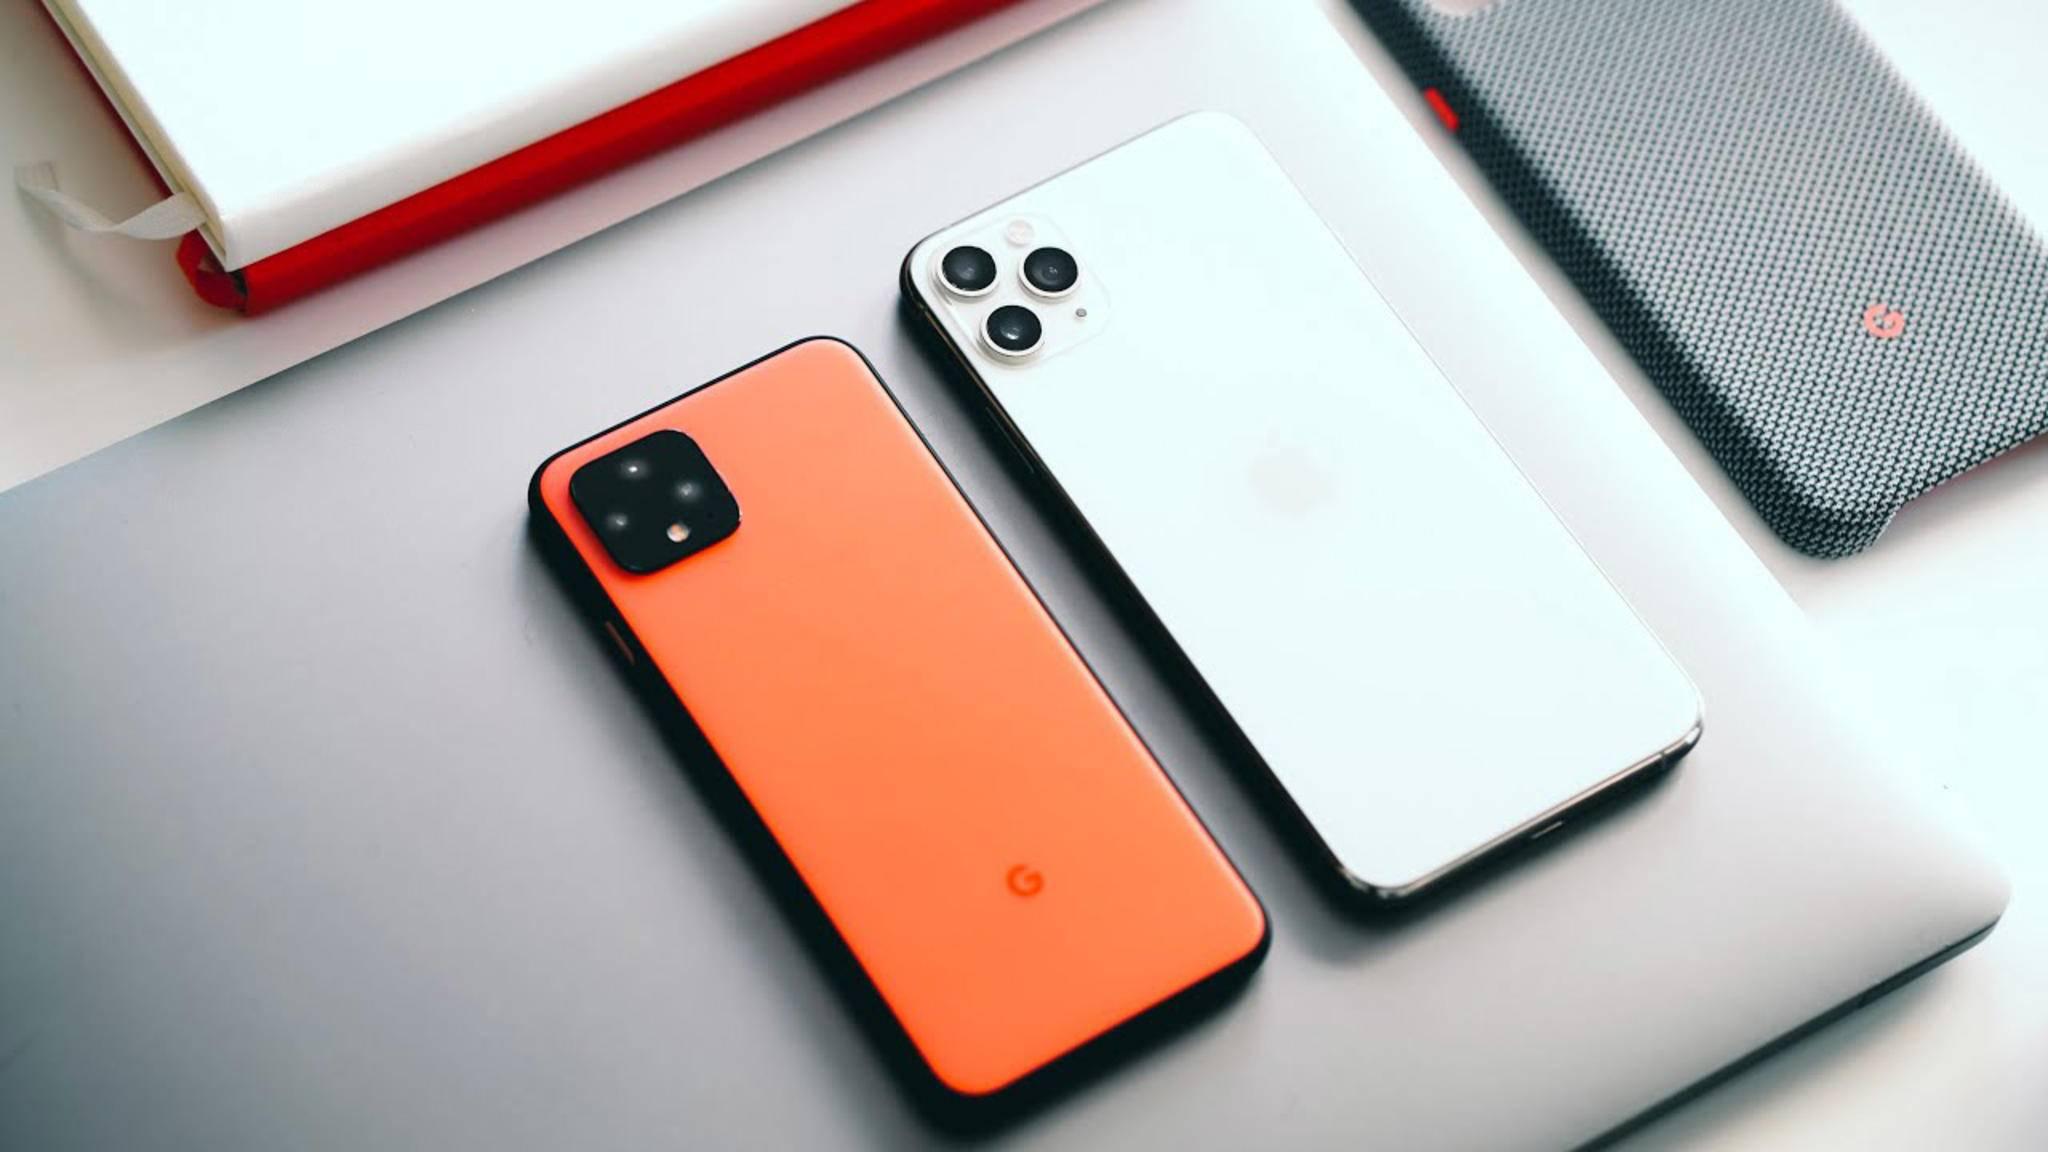 pixel-4-iphone-11-pro